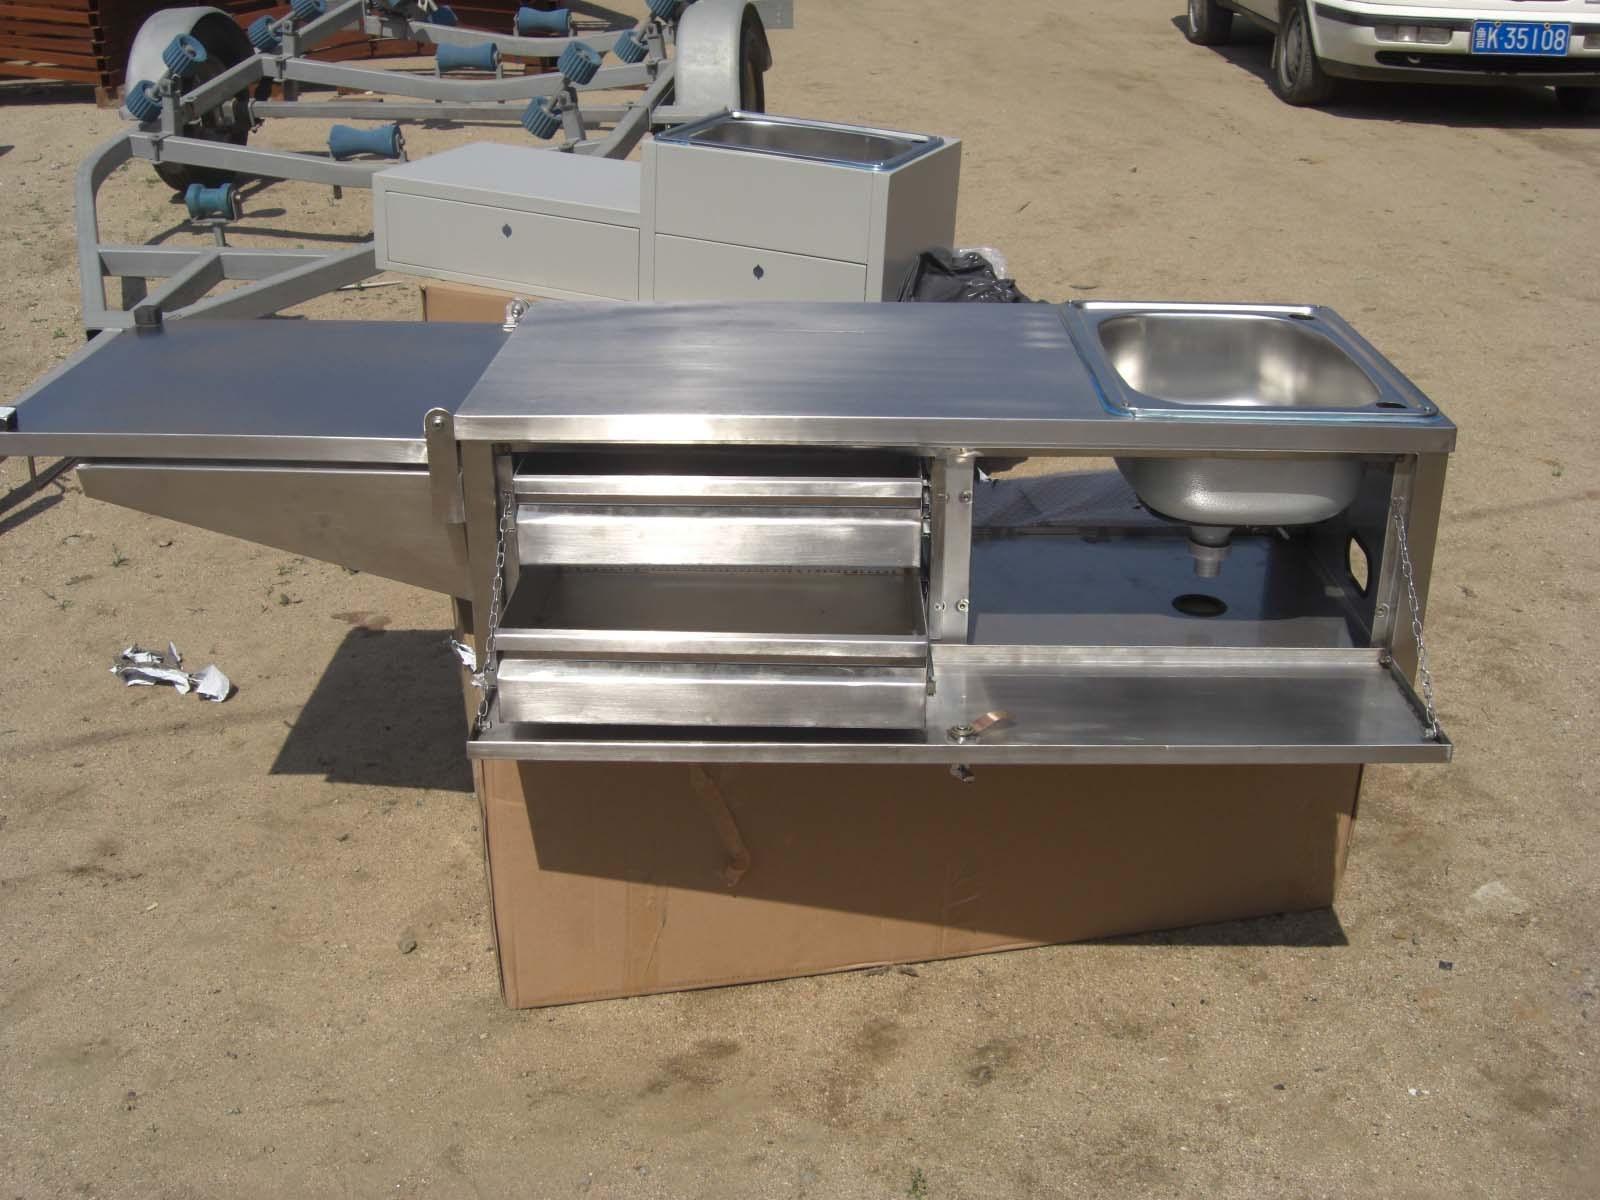 Cocina inoxidable al aire libre lh0001 cocina for Modelos de cocinas al aire libre